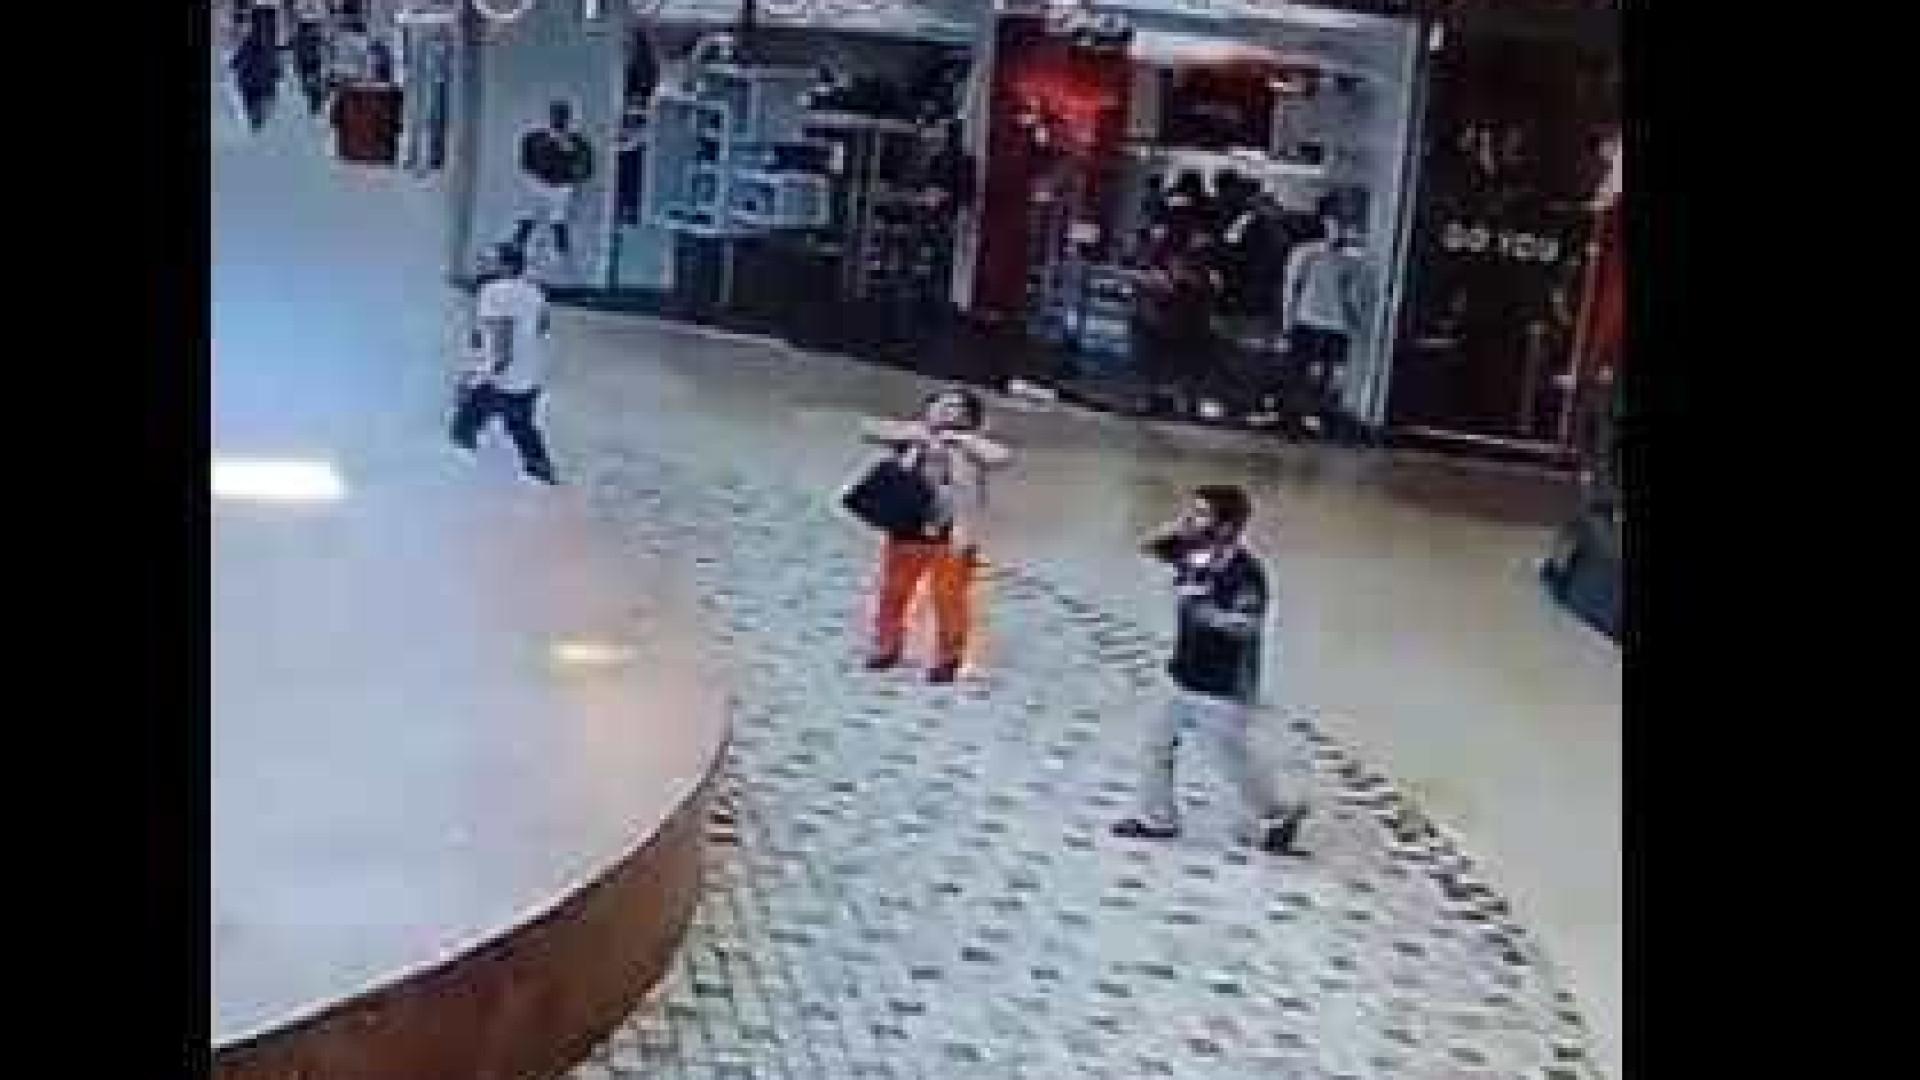 Vídeos mostram momentos de pânico vividos quando a terra tremeu no México